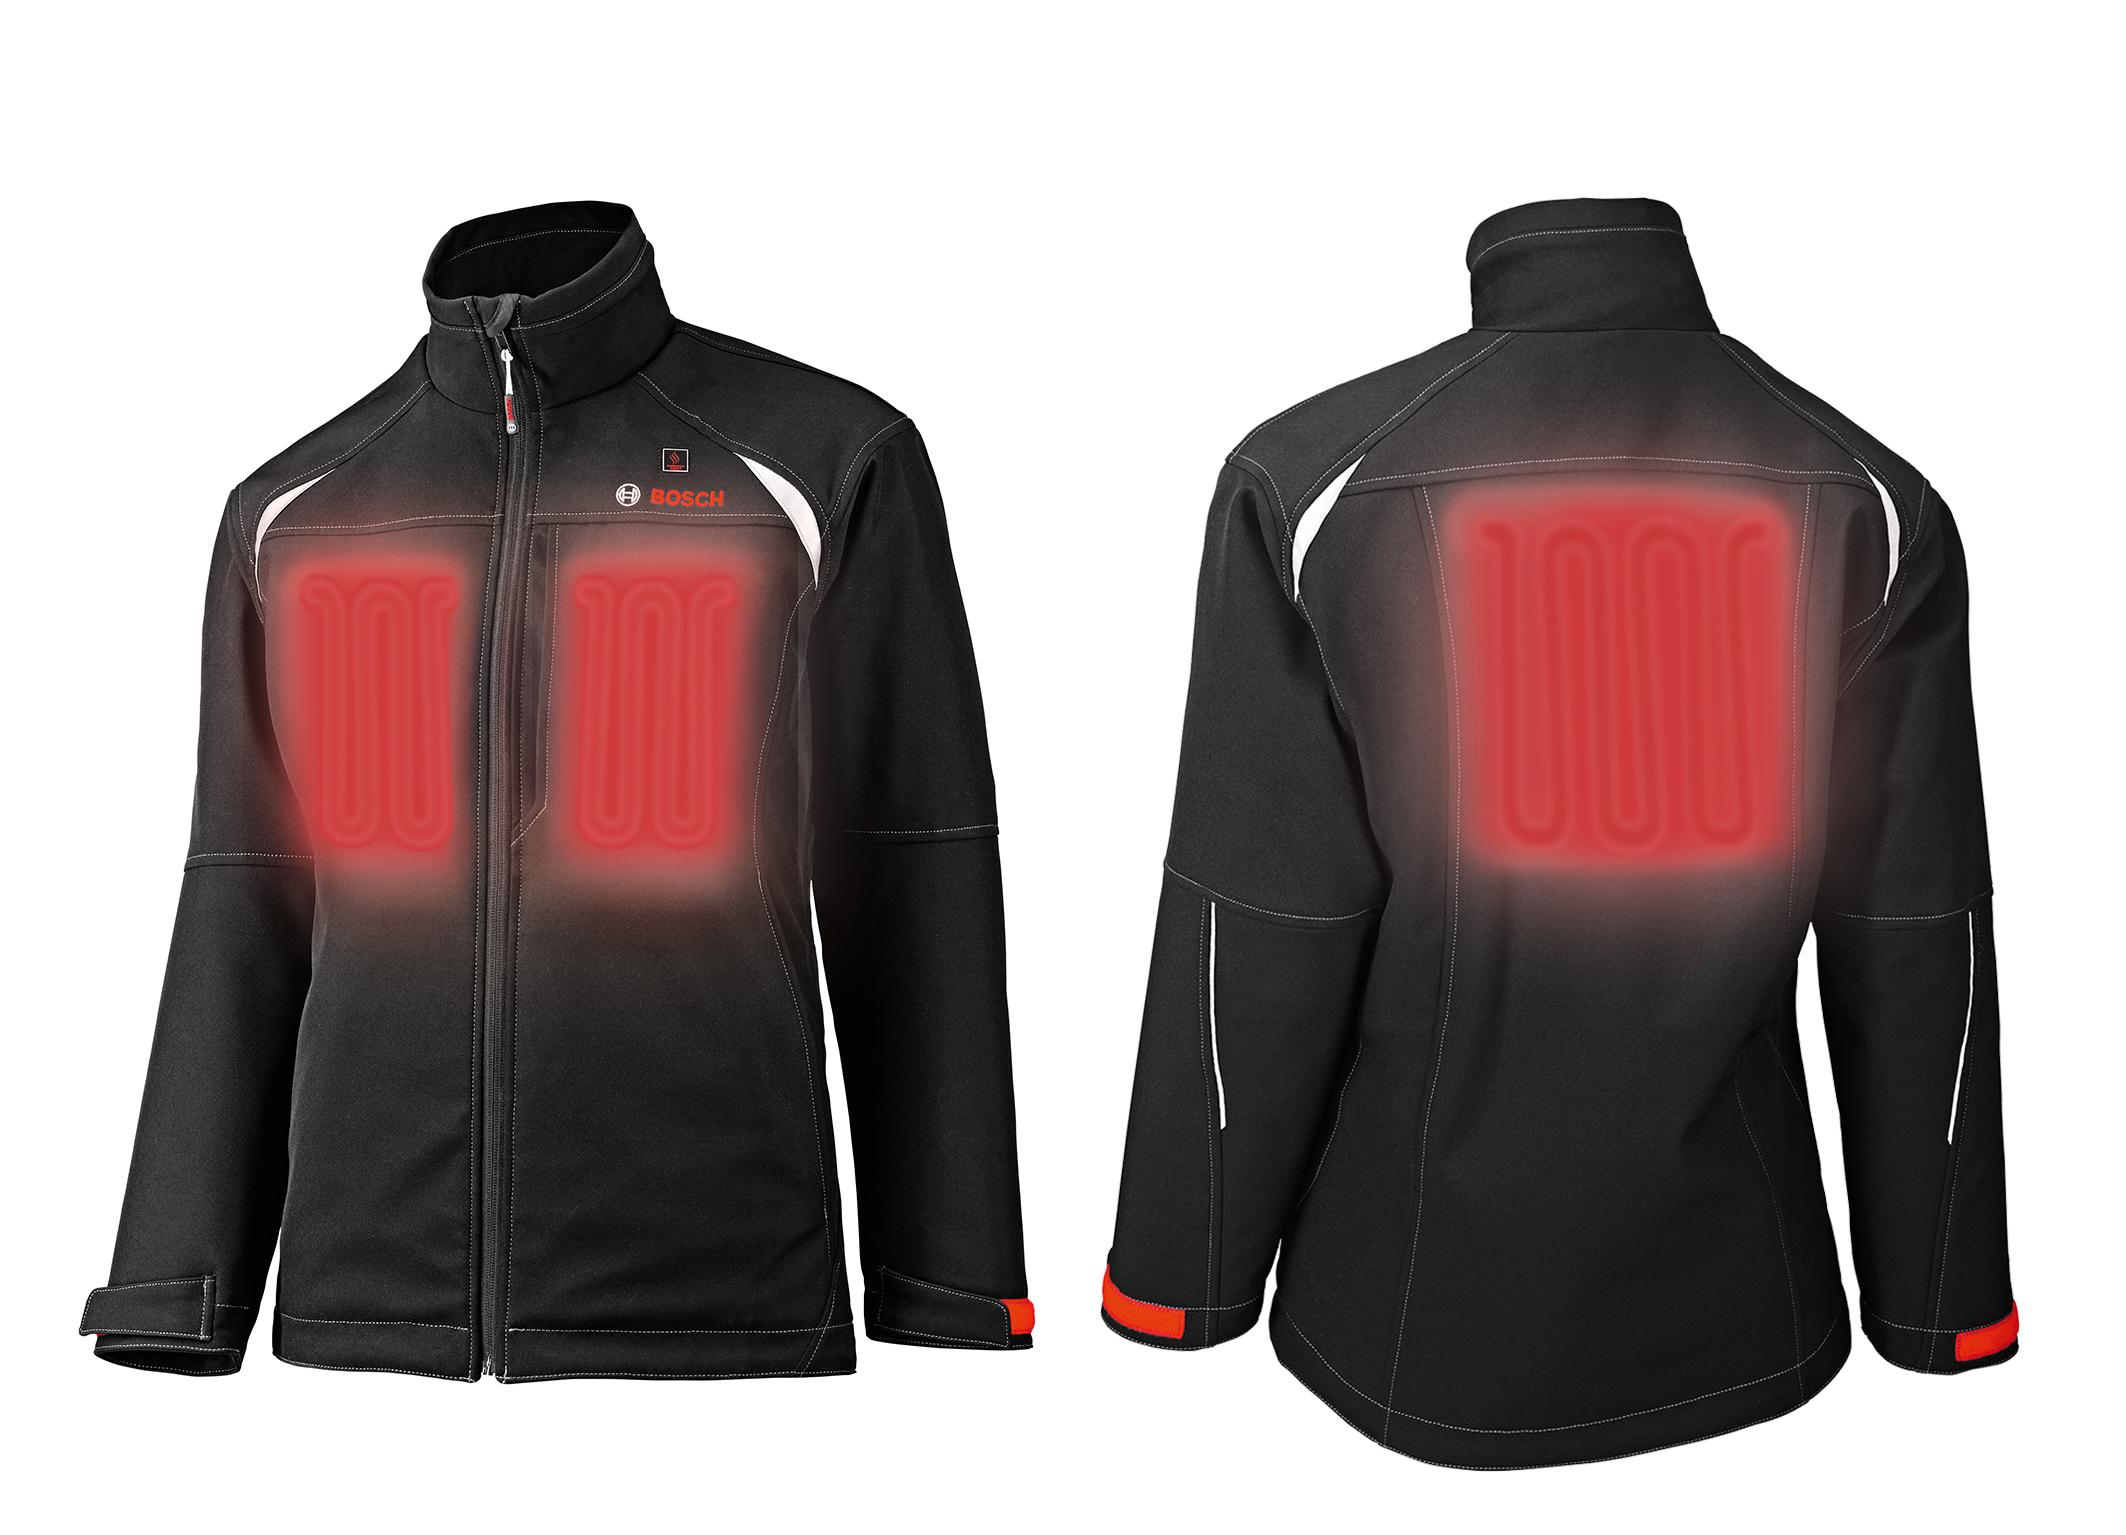 The Bosch Heat Jacket 10 8 V Professional Bosch Media